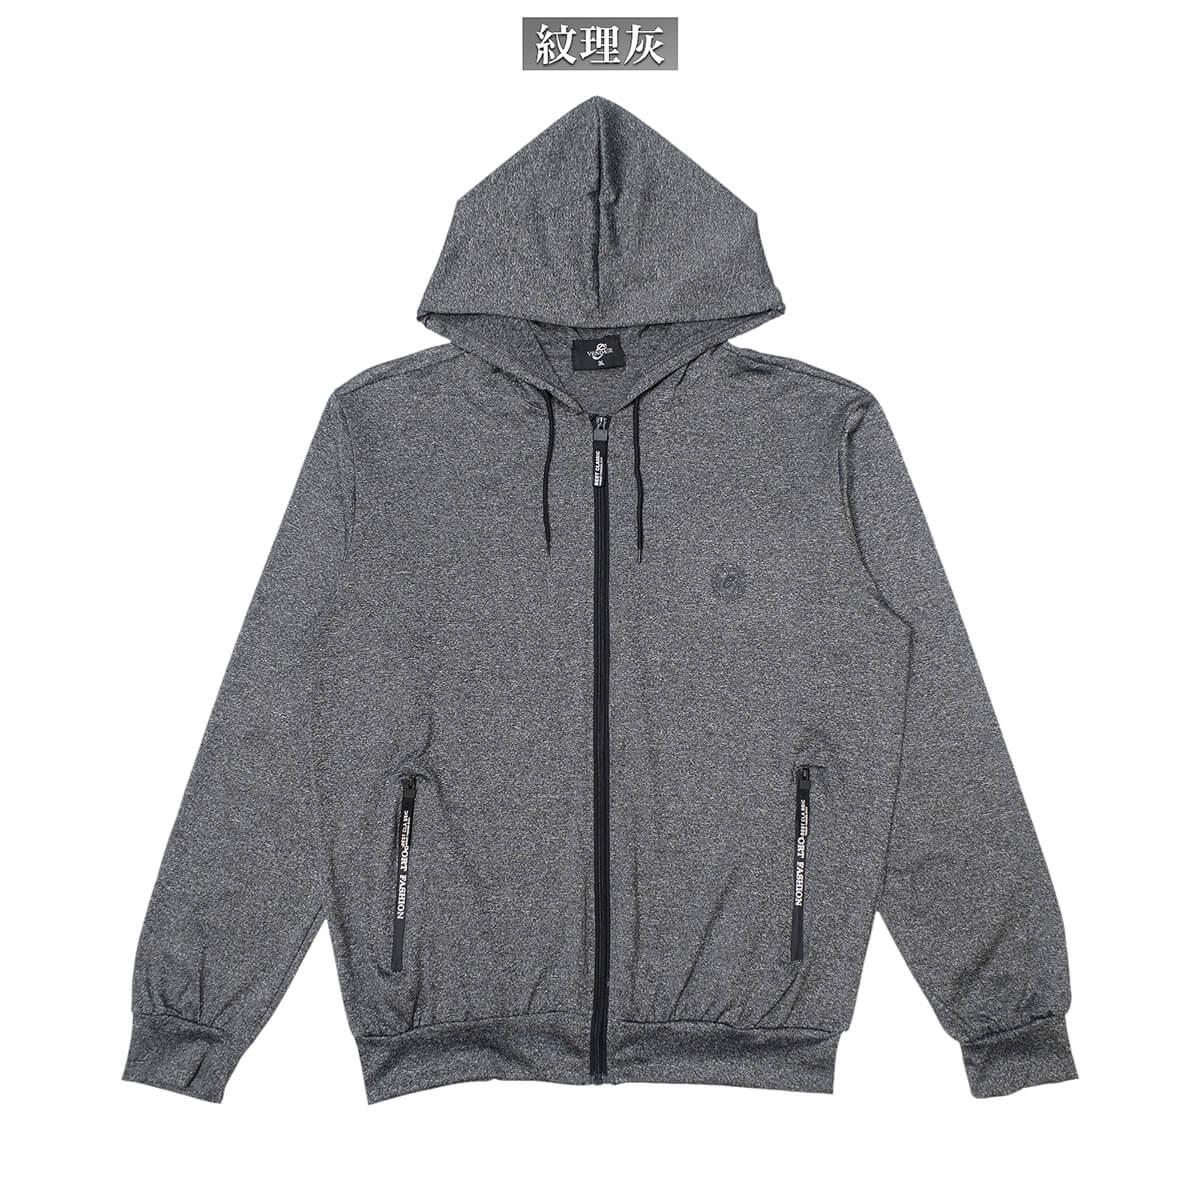 加大尺碼防曬外套 防風遮陽薄外套 柔軟輕薄休閒外套 連帽外套 運動外套 黑色外套 Sun Protection Jackets Mens Jackets Casual Jackets (321-0516_0517-21)黑色、(321-0516_0517-22)紋理灰 3L 4L 5L 6L (胸圍122~140公分  48~55英吋) 男 [實體店面保障] sun-e 8